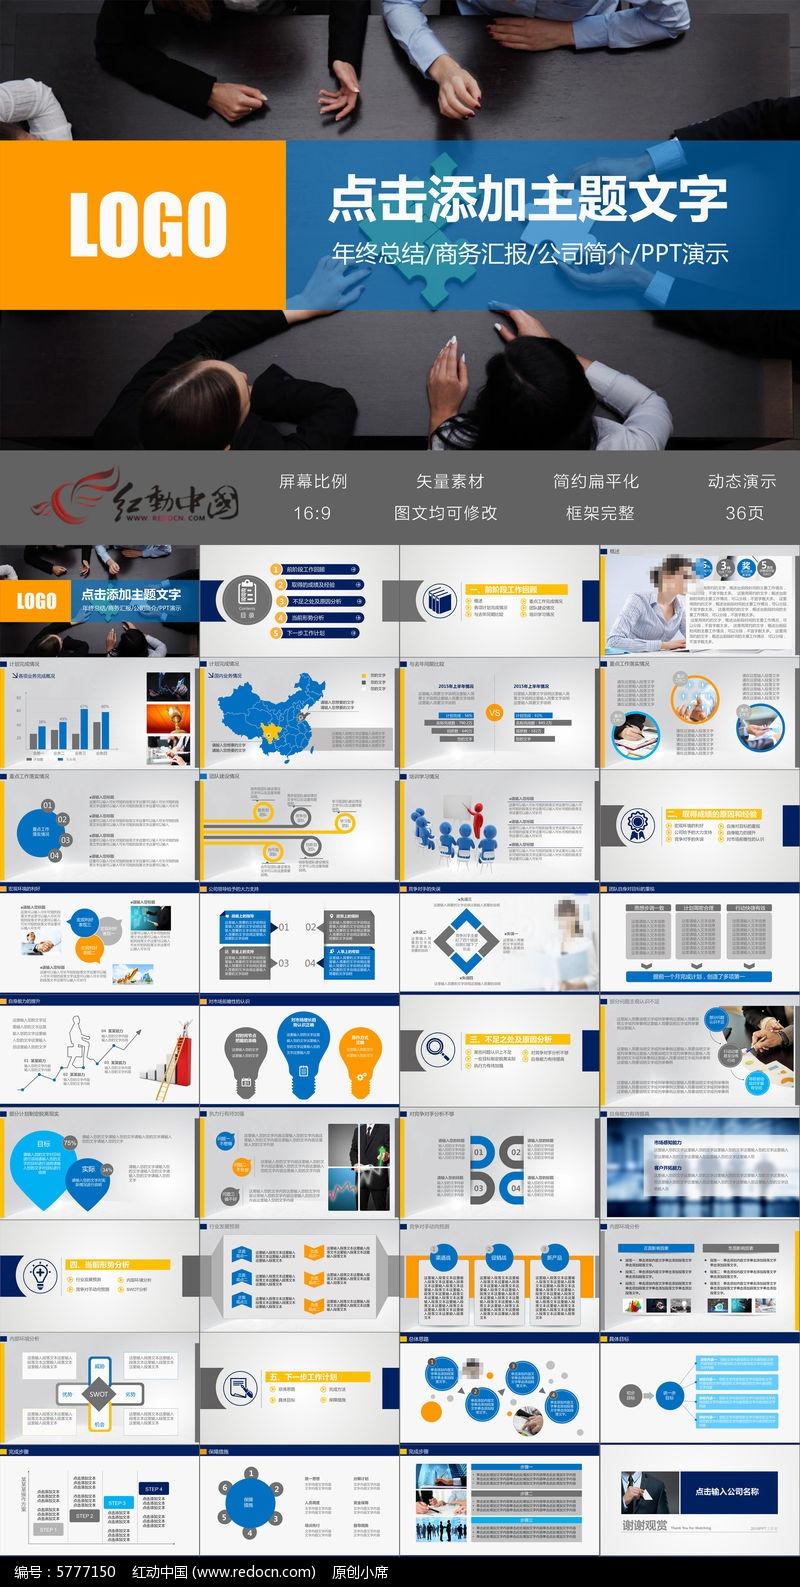 2016 企业精神 公司形象 品质 企业文化 团队介绍          发展历程